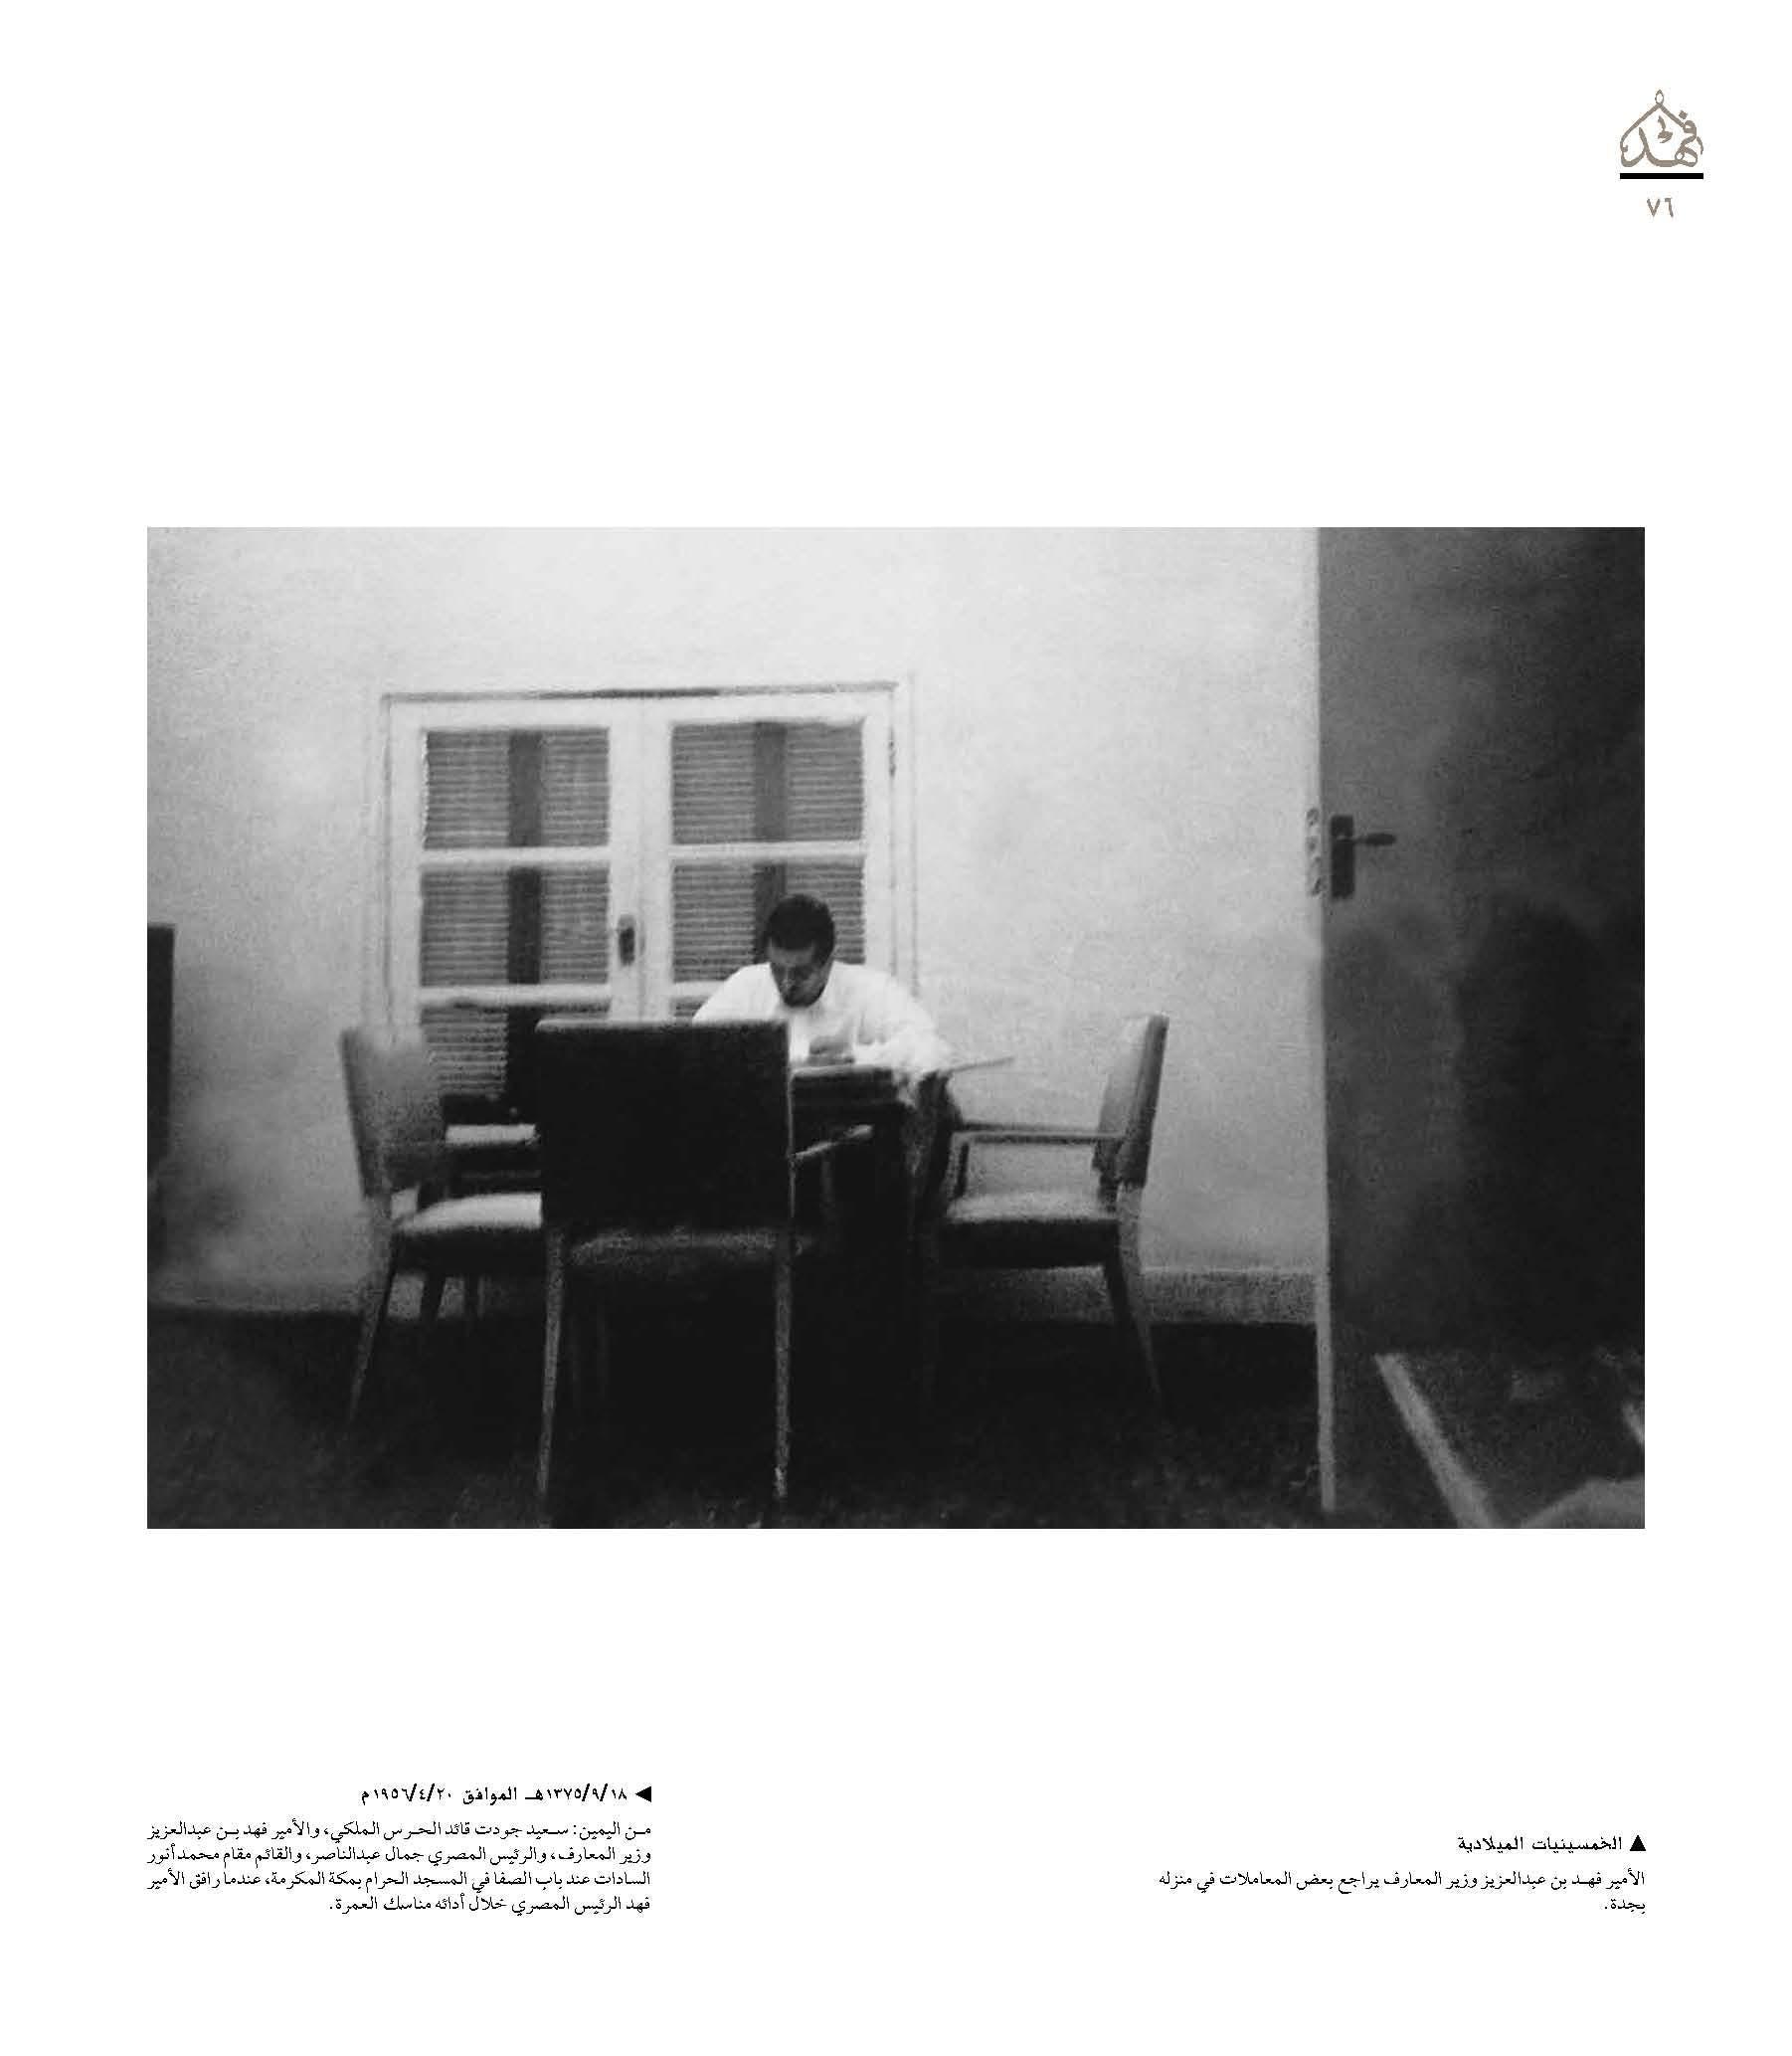 """صور نادرة للملك فهد في """"كتاب"""" 29360b66-d841-4f15-8825-b3fff9e4ce35"""